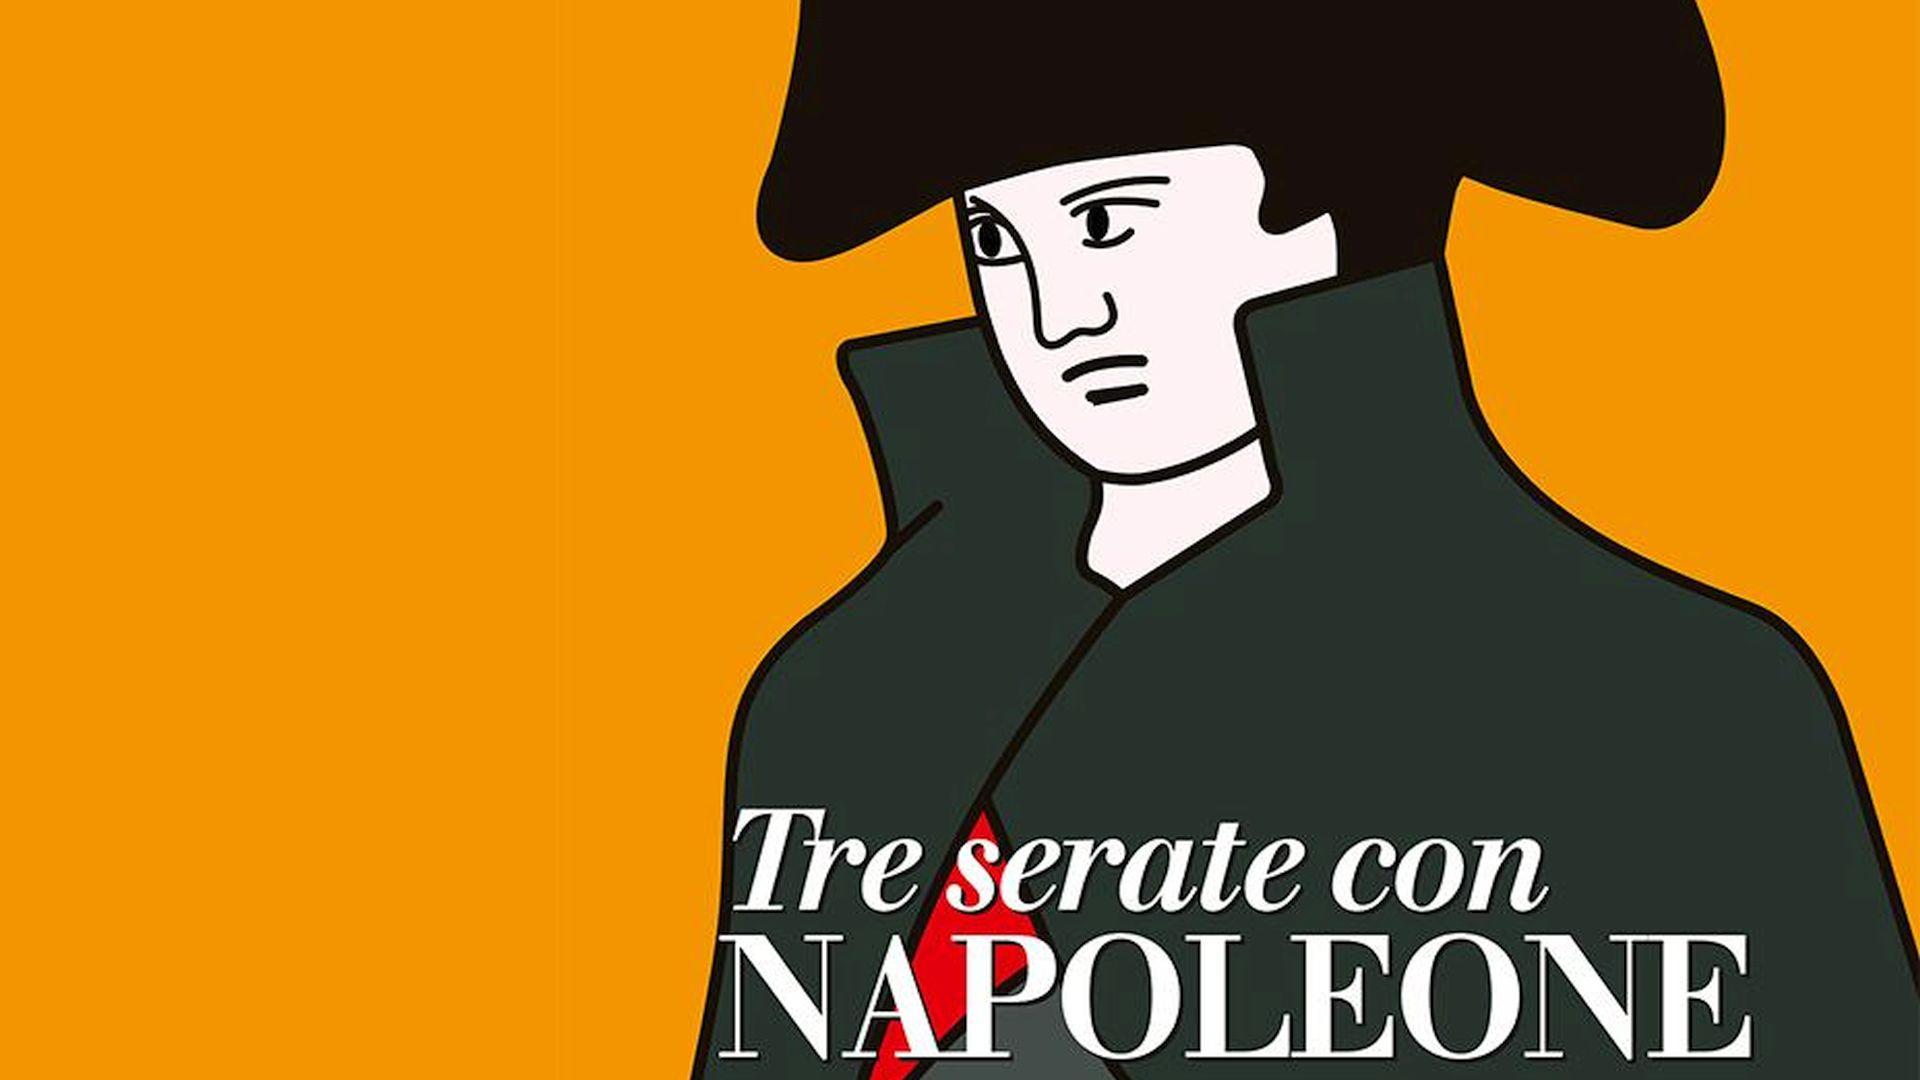 conversazioni napoleoniche grafica